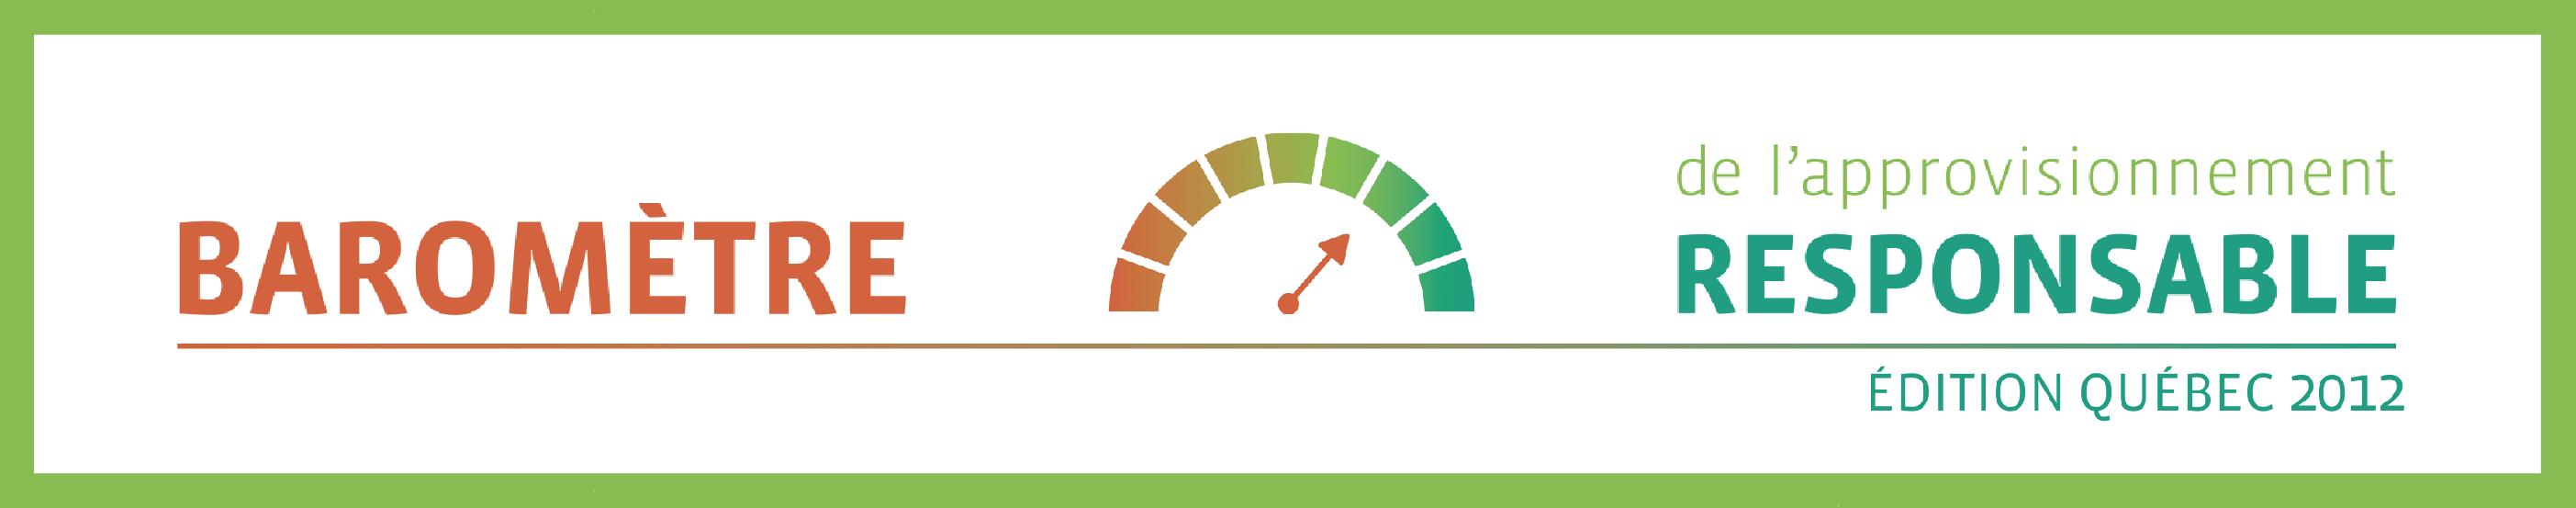 Baromètre de l'approvisionnement responsable – Édition Québec 2012